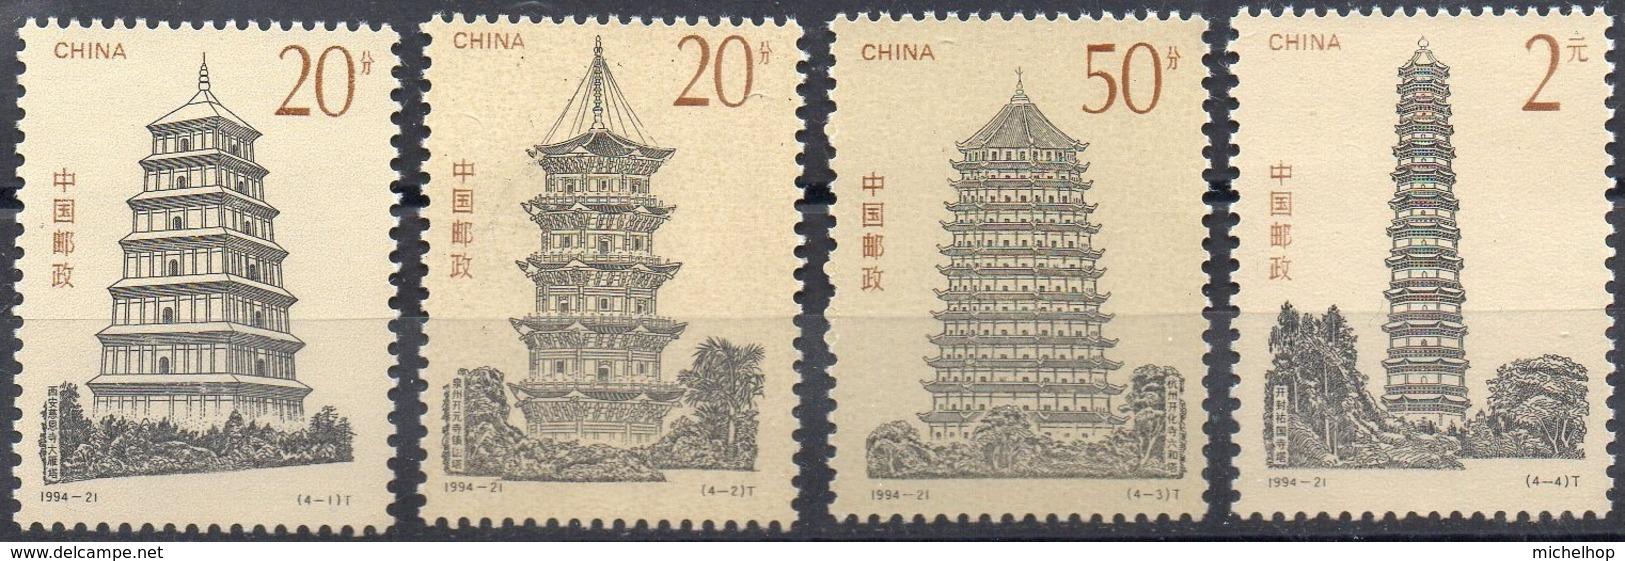 CHINA - 1994 - Pagodas - 4 Stamps - MNH - Neufs